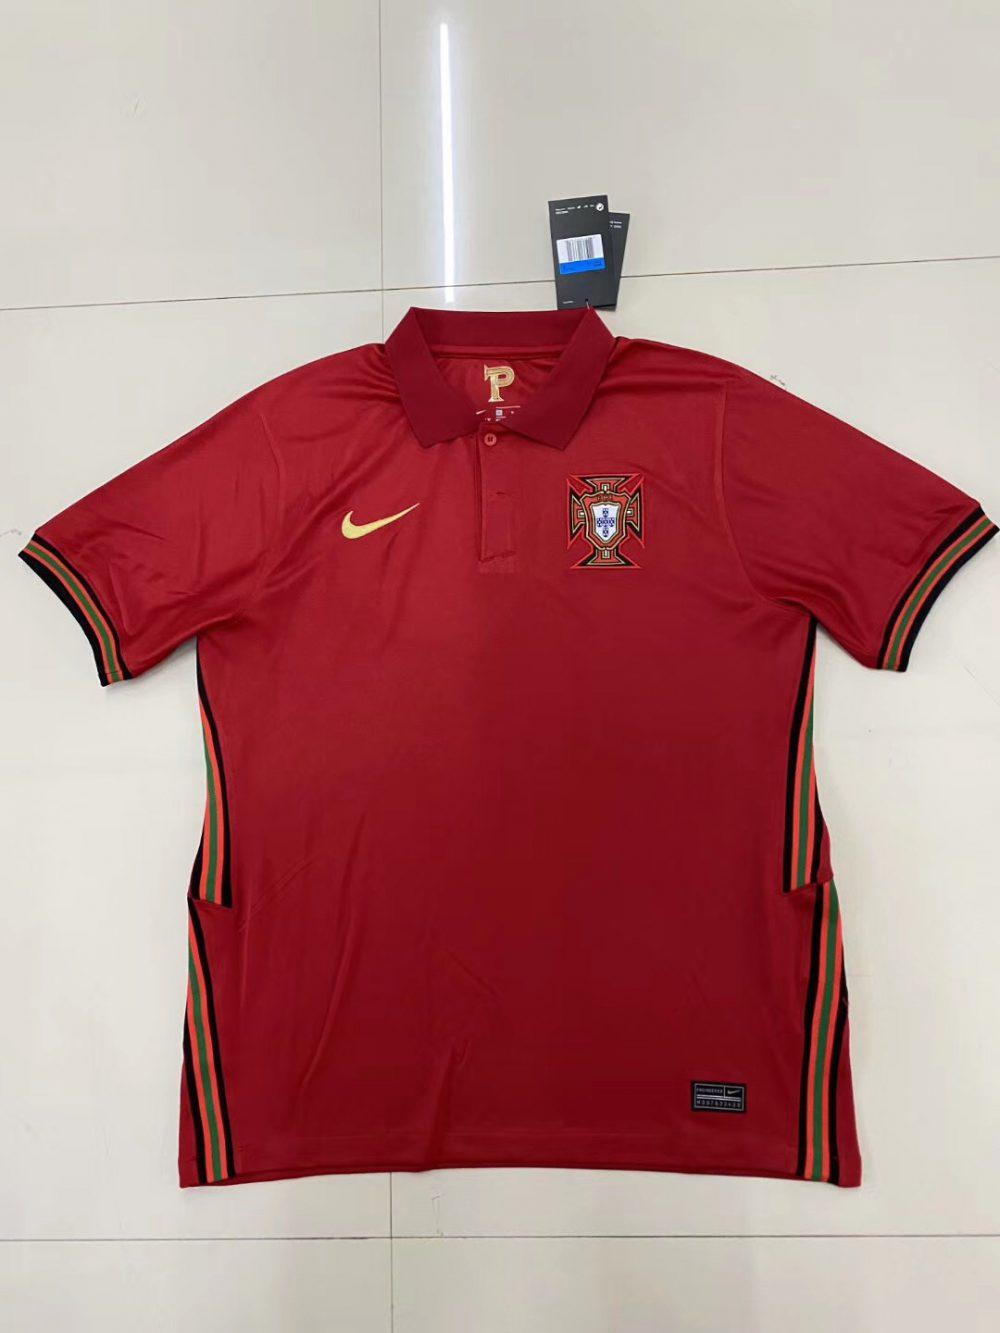 لباس پرتغال یورو 2020 پیراهن درجه یک